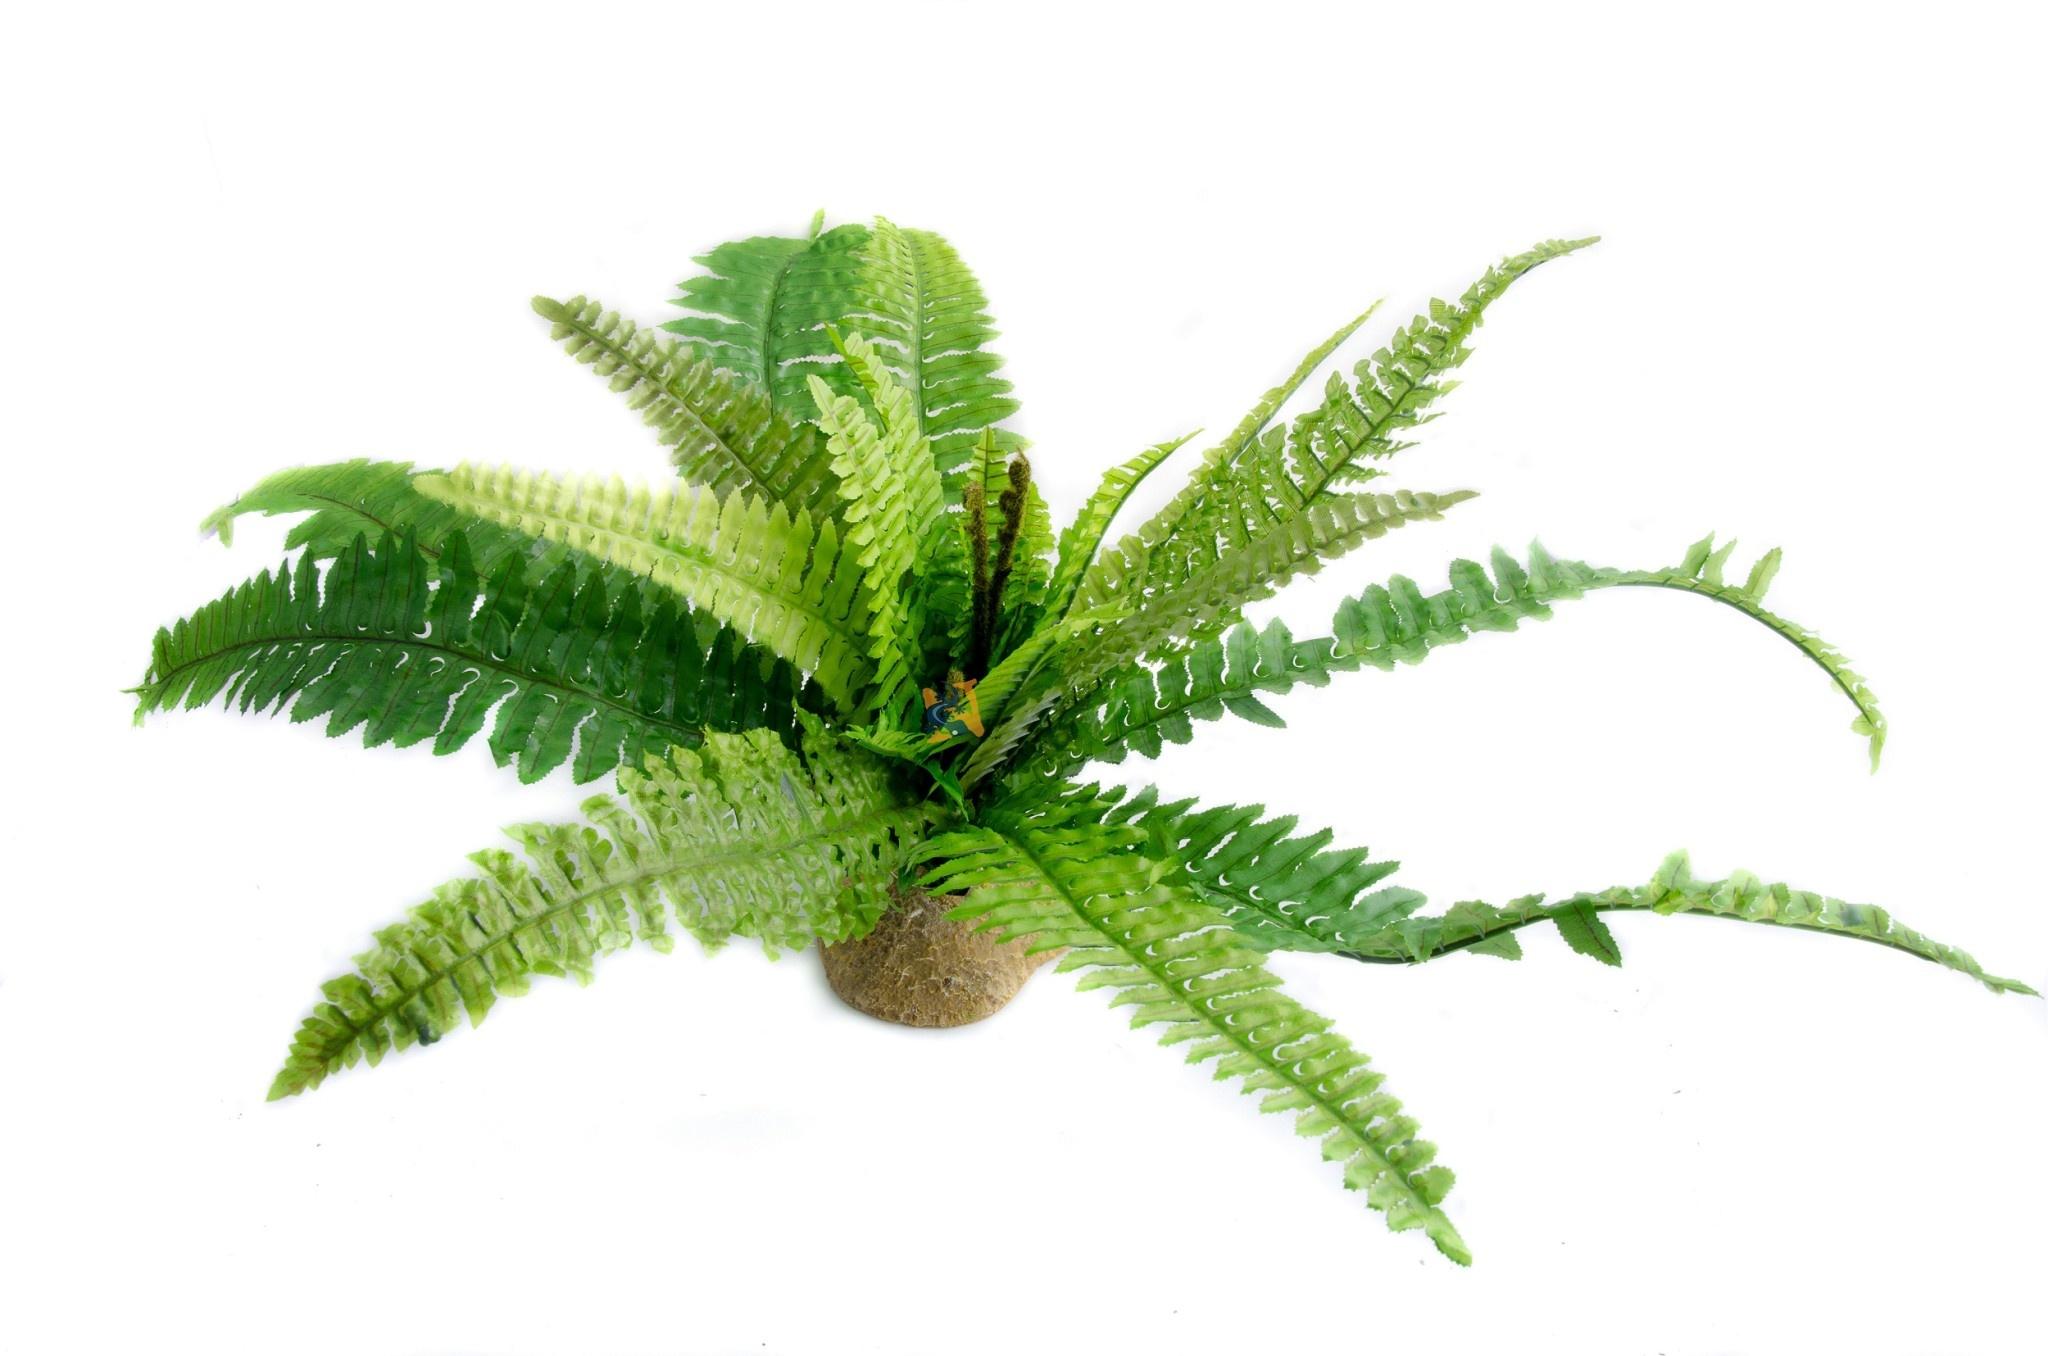 Aqua Globe Feuilles de fougère - Fern leaf